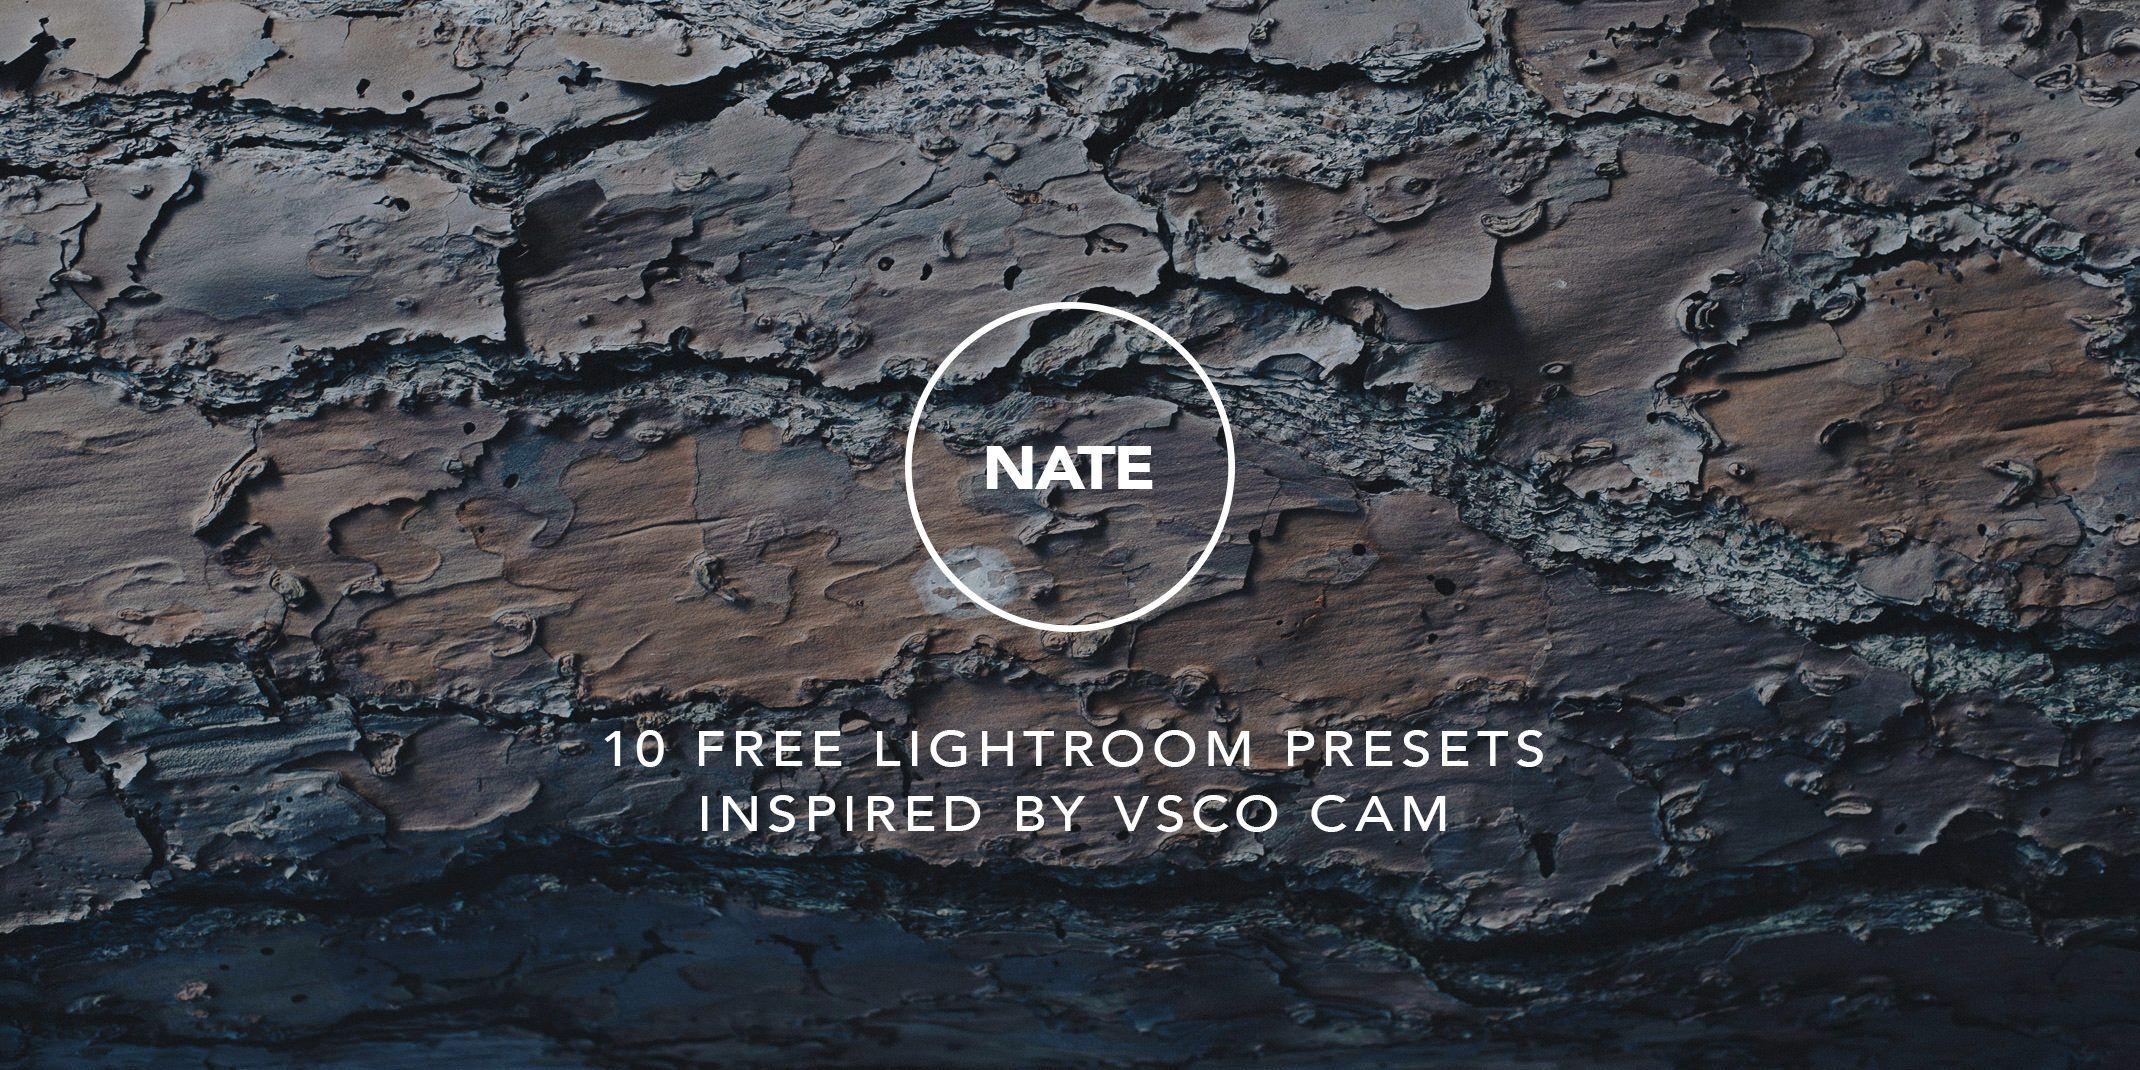 Vscocam lightroom presets free download